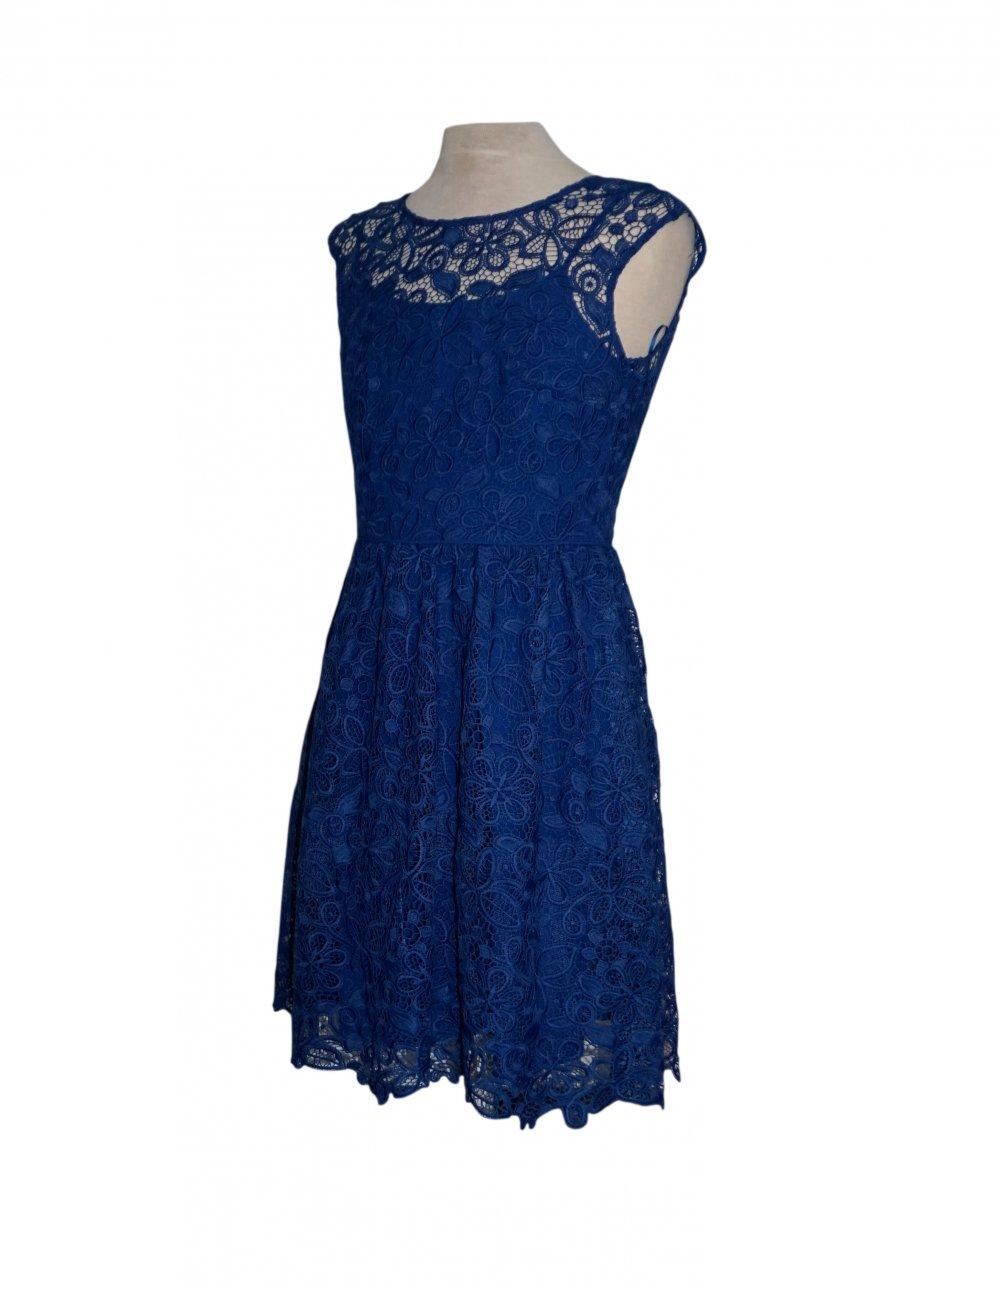 Esprit Damen Kleid Sommerkleid spitze Gr. 14 S